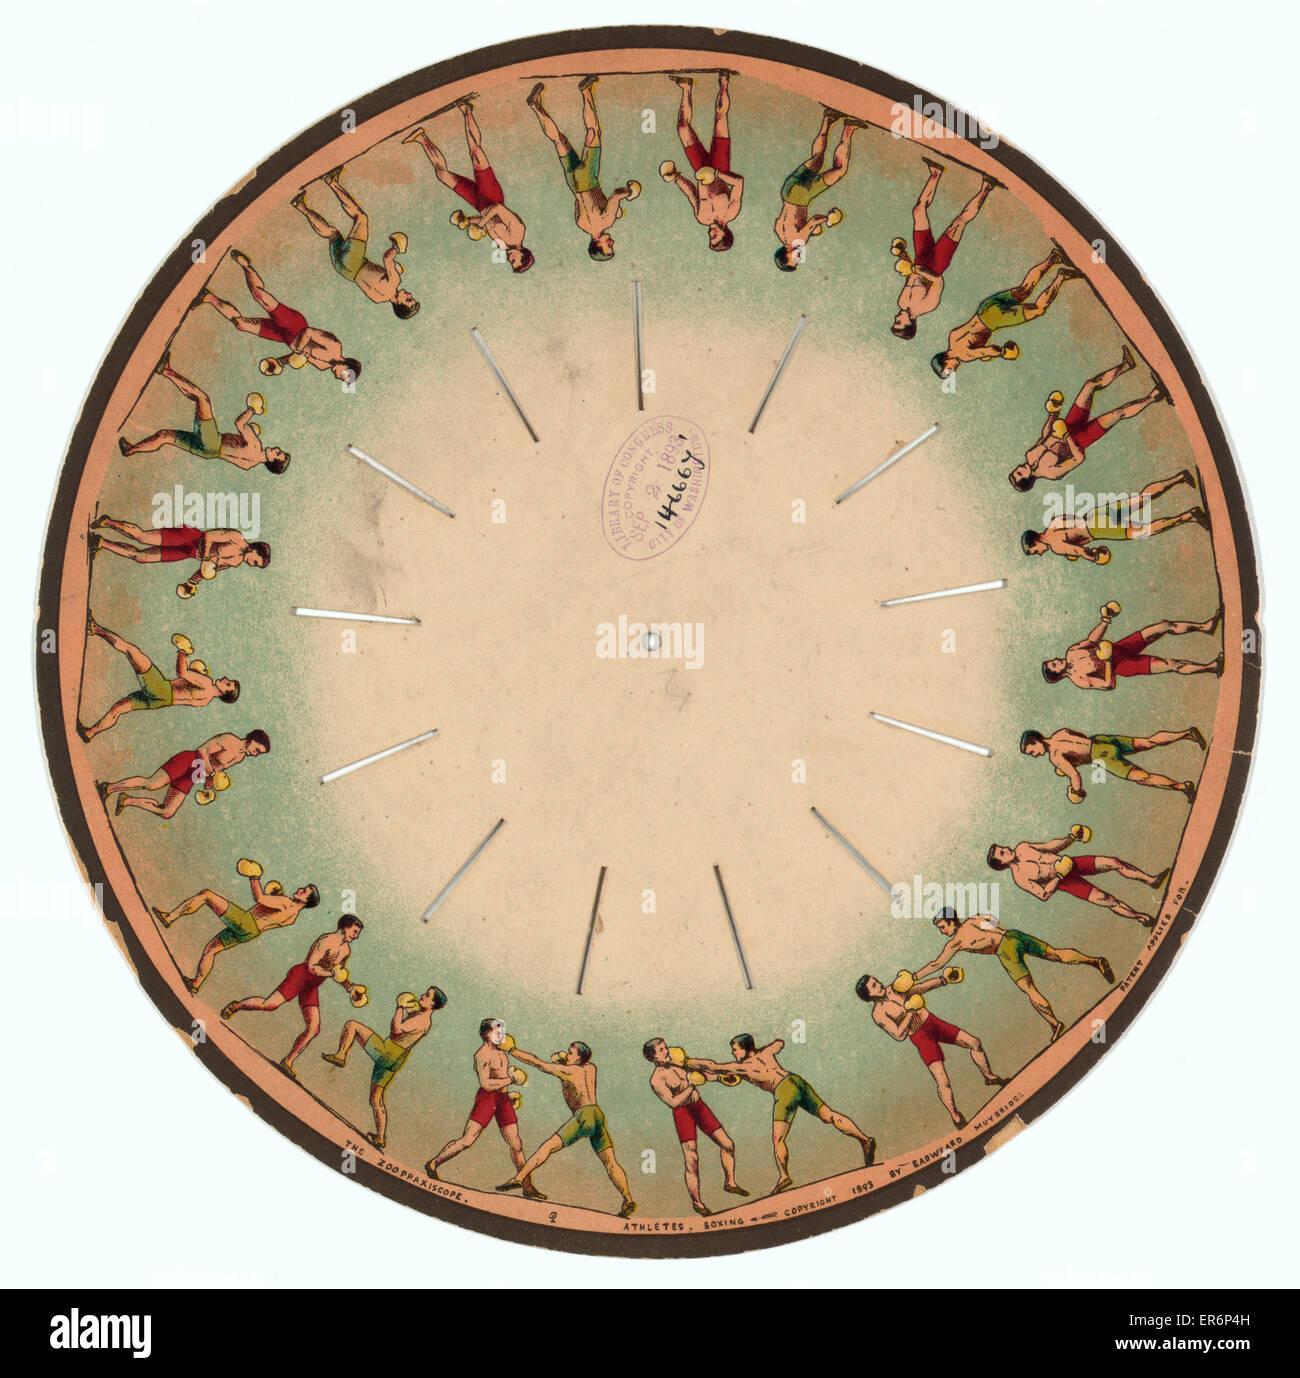 Le zoopraxiscope - Athlètes - Boxe. Les images sur un disque qui lorsqu'spun donne l'illusion de deux Photo Stock